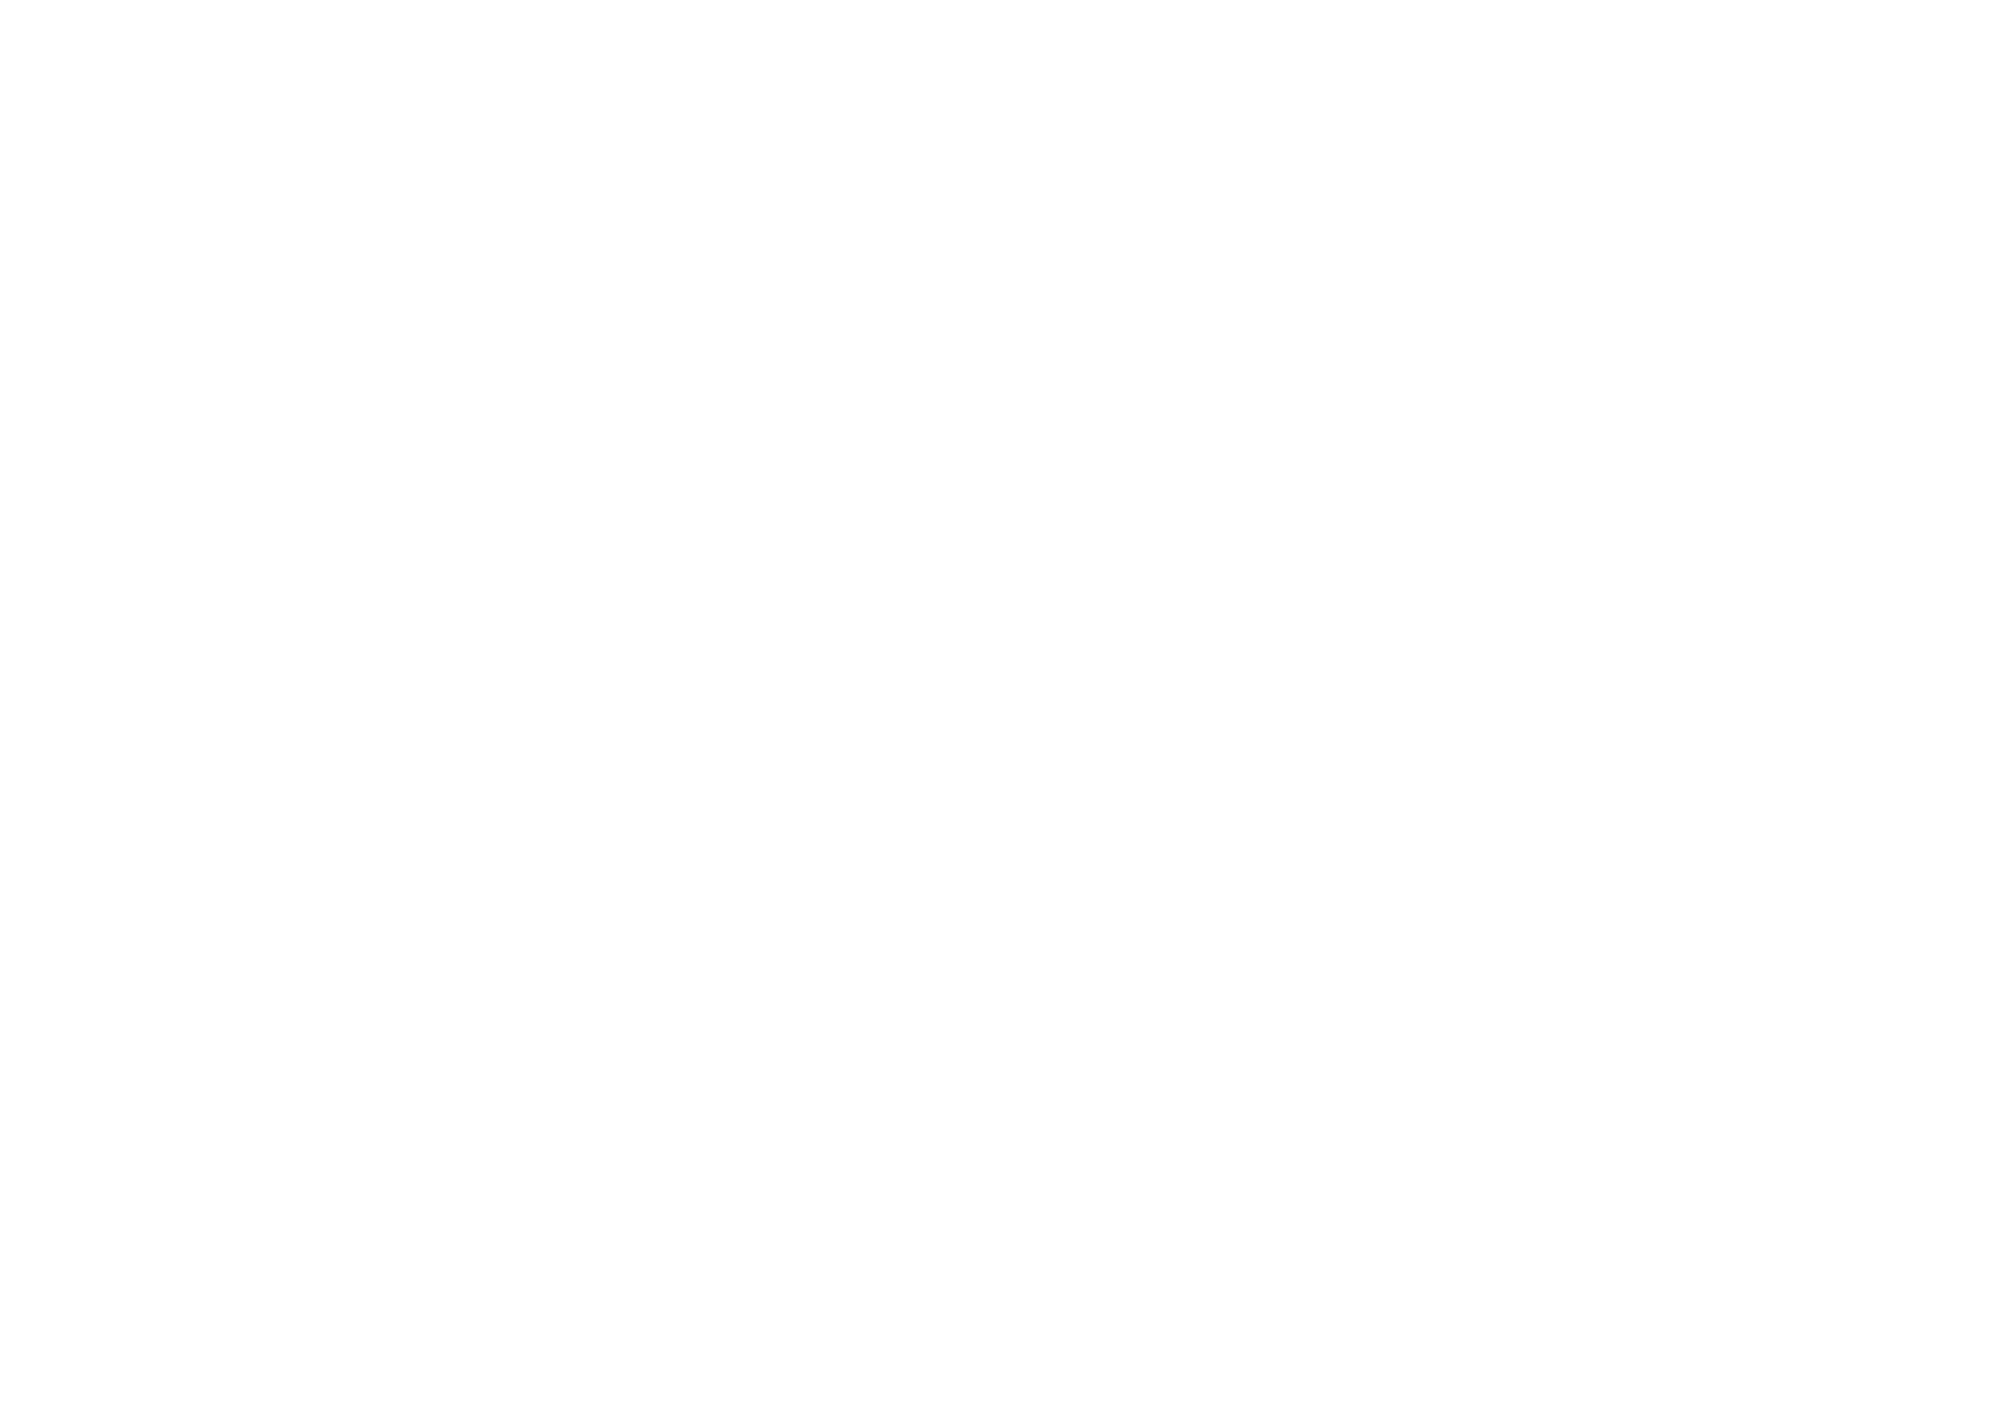 logo scouting